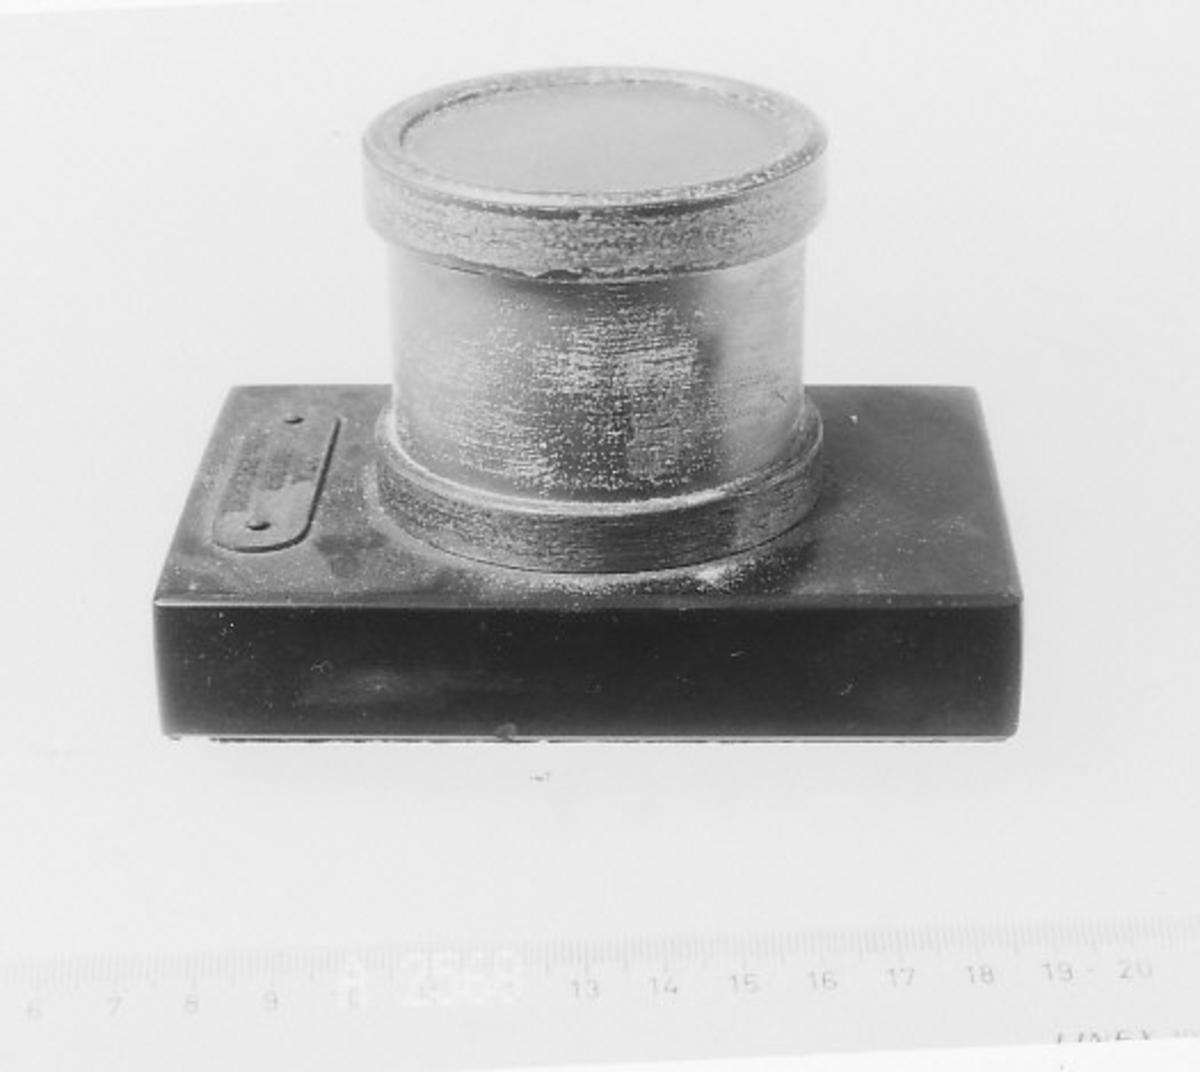 Rektangulær plate, øverst en sylinder med messingbånd oppe og nede, på oversiden glass over stykke av kabel med kobberledere.